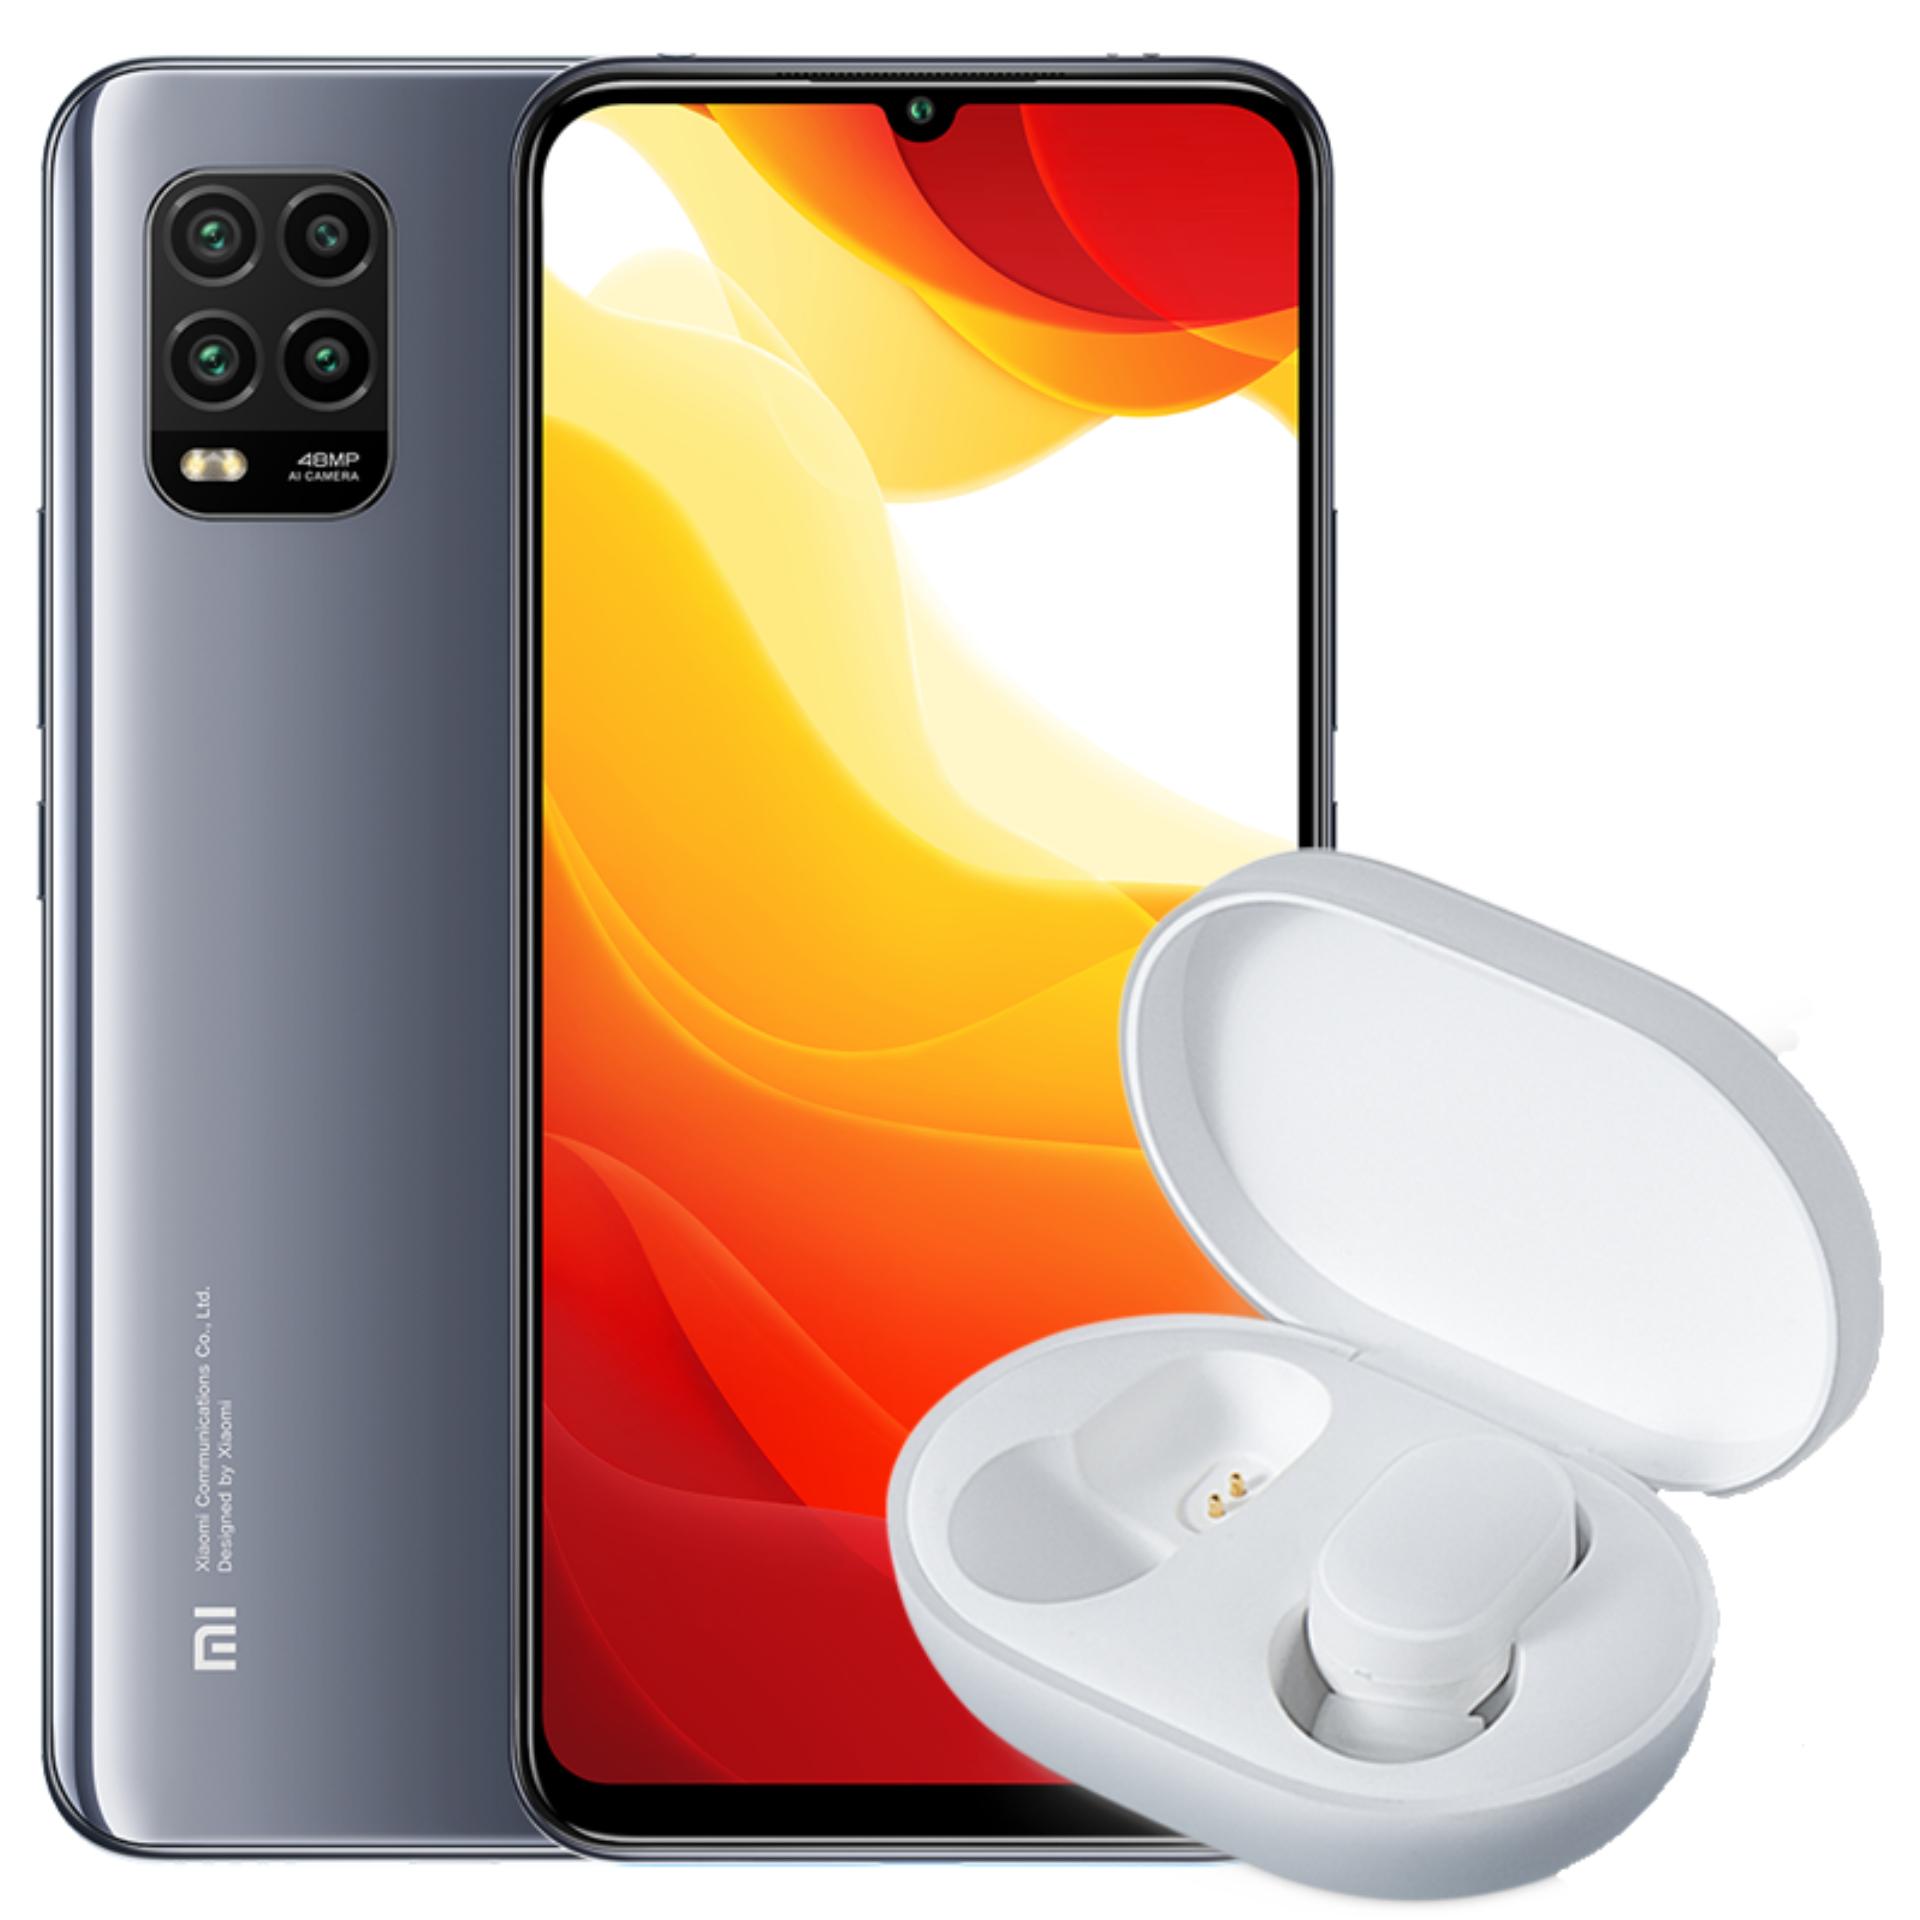 Xiaomi Mi 10 Lite 128/6GB + Mi AirDots Kopfhörer (FHD+ Amoled, 48MP Quad Kamera, Snapdragon 765G, NFC: Google Pay, 4160mAh Akku)